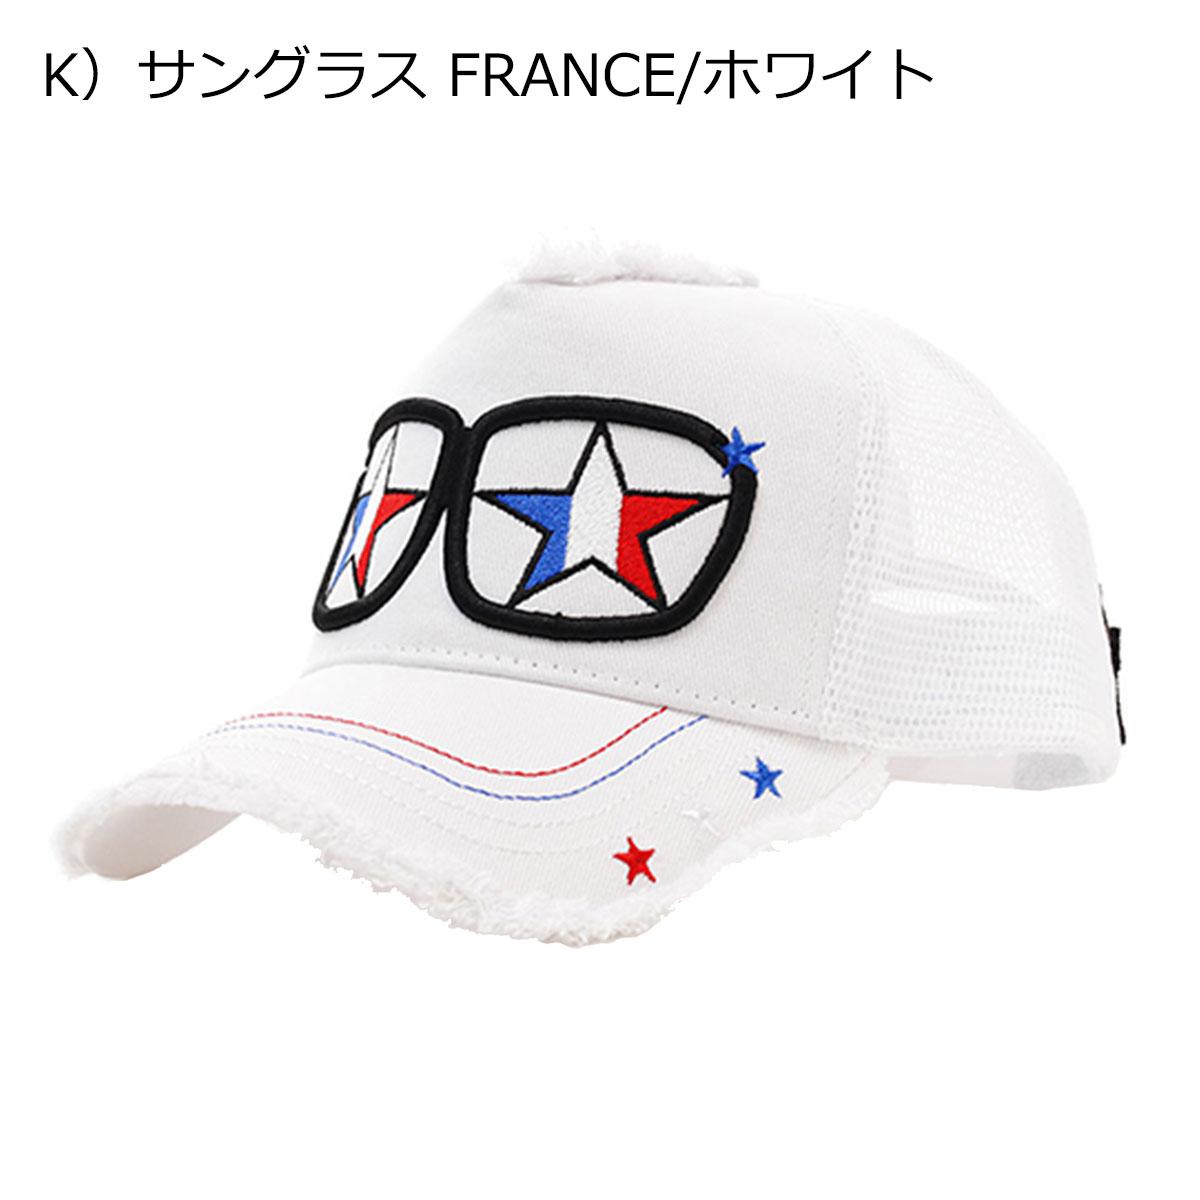 K)サングラス FRANCE/ホワイト